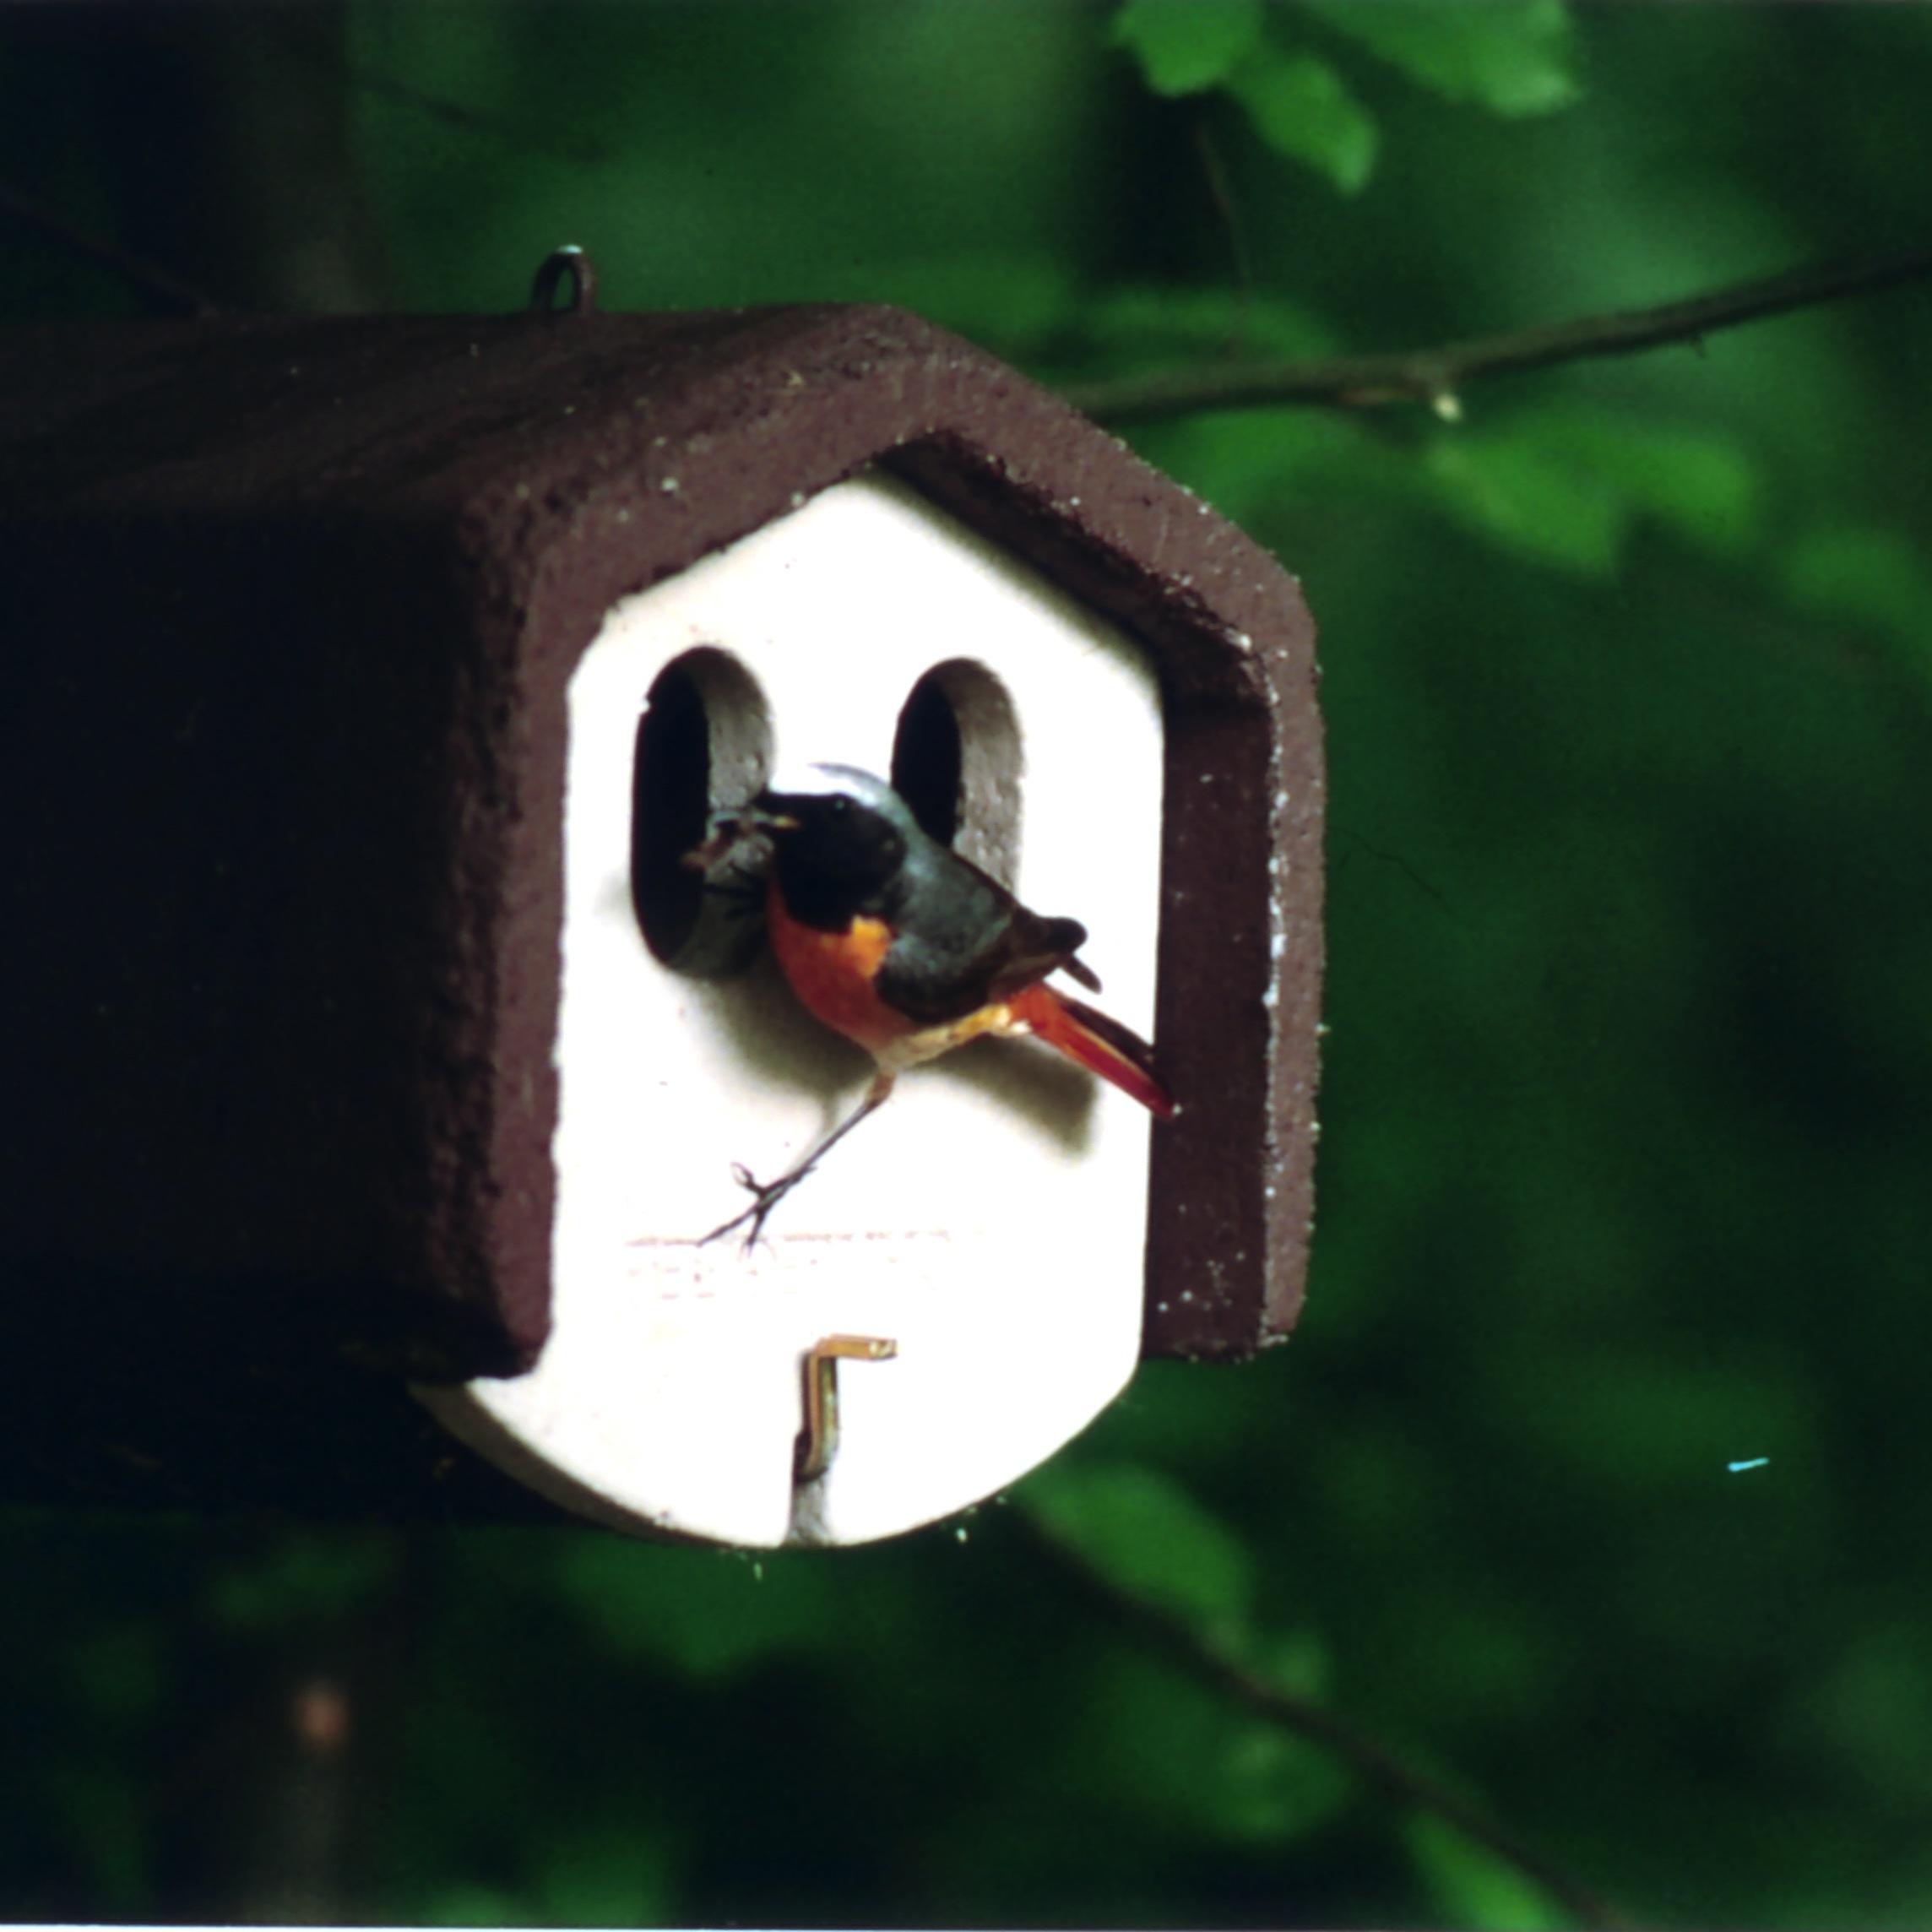 schwegler nischenbr terh hle 1n vogelhaus nistkasten vogelh uschen vogel und. Black Bedroom Furniture Sets. Home Design Ideas